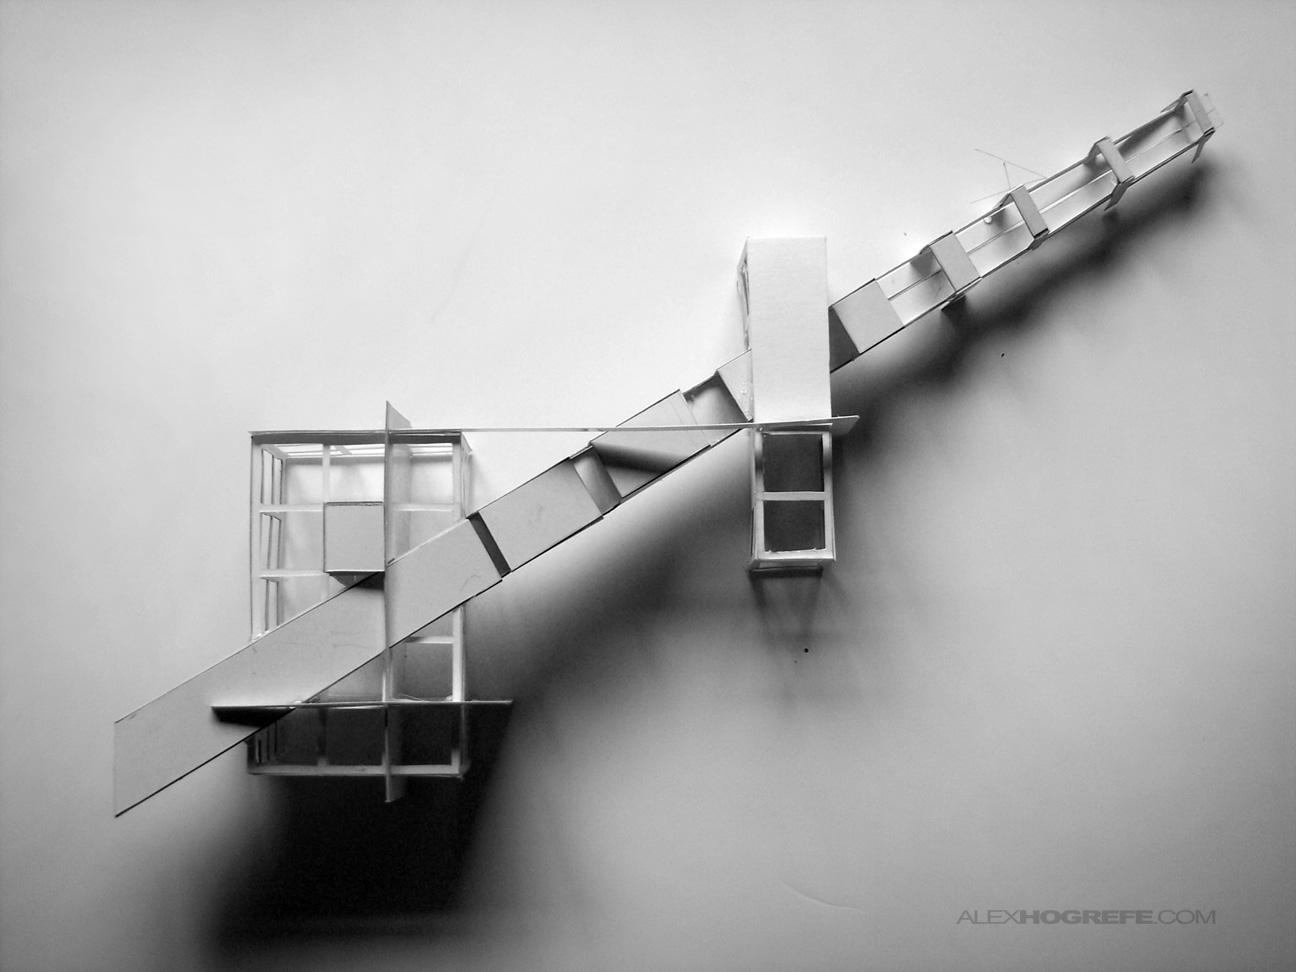 bridge_alex_hogrefe_model